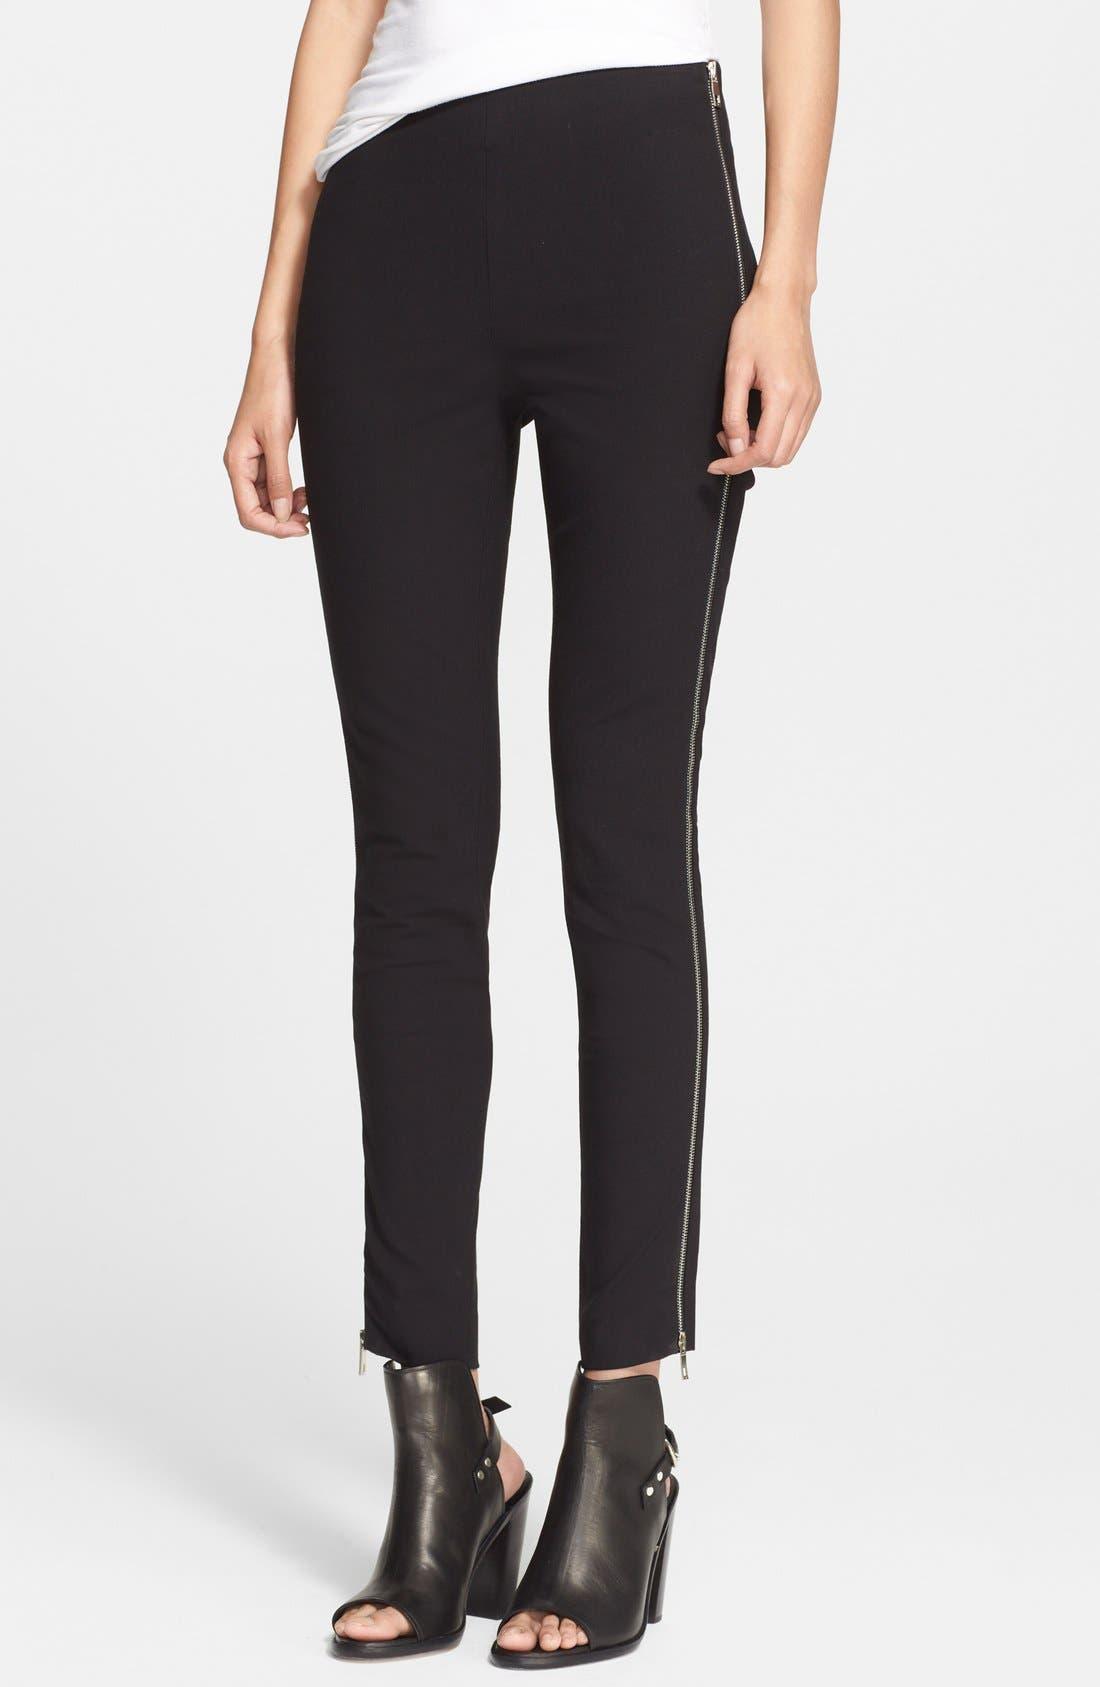 Alternate Image 1 Selected - rag & bone 'Chatel' Side Zip Pants